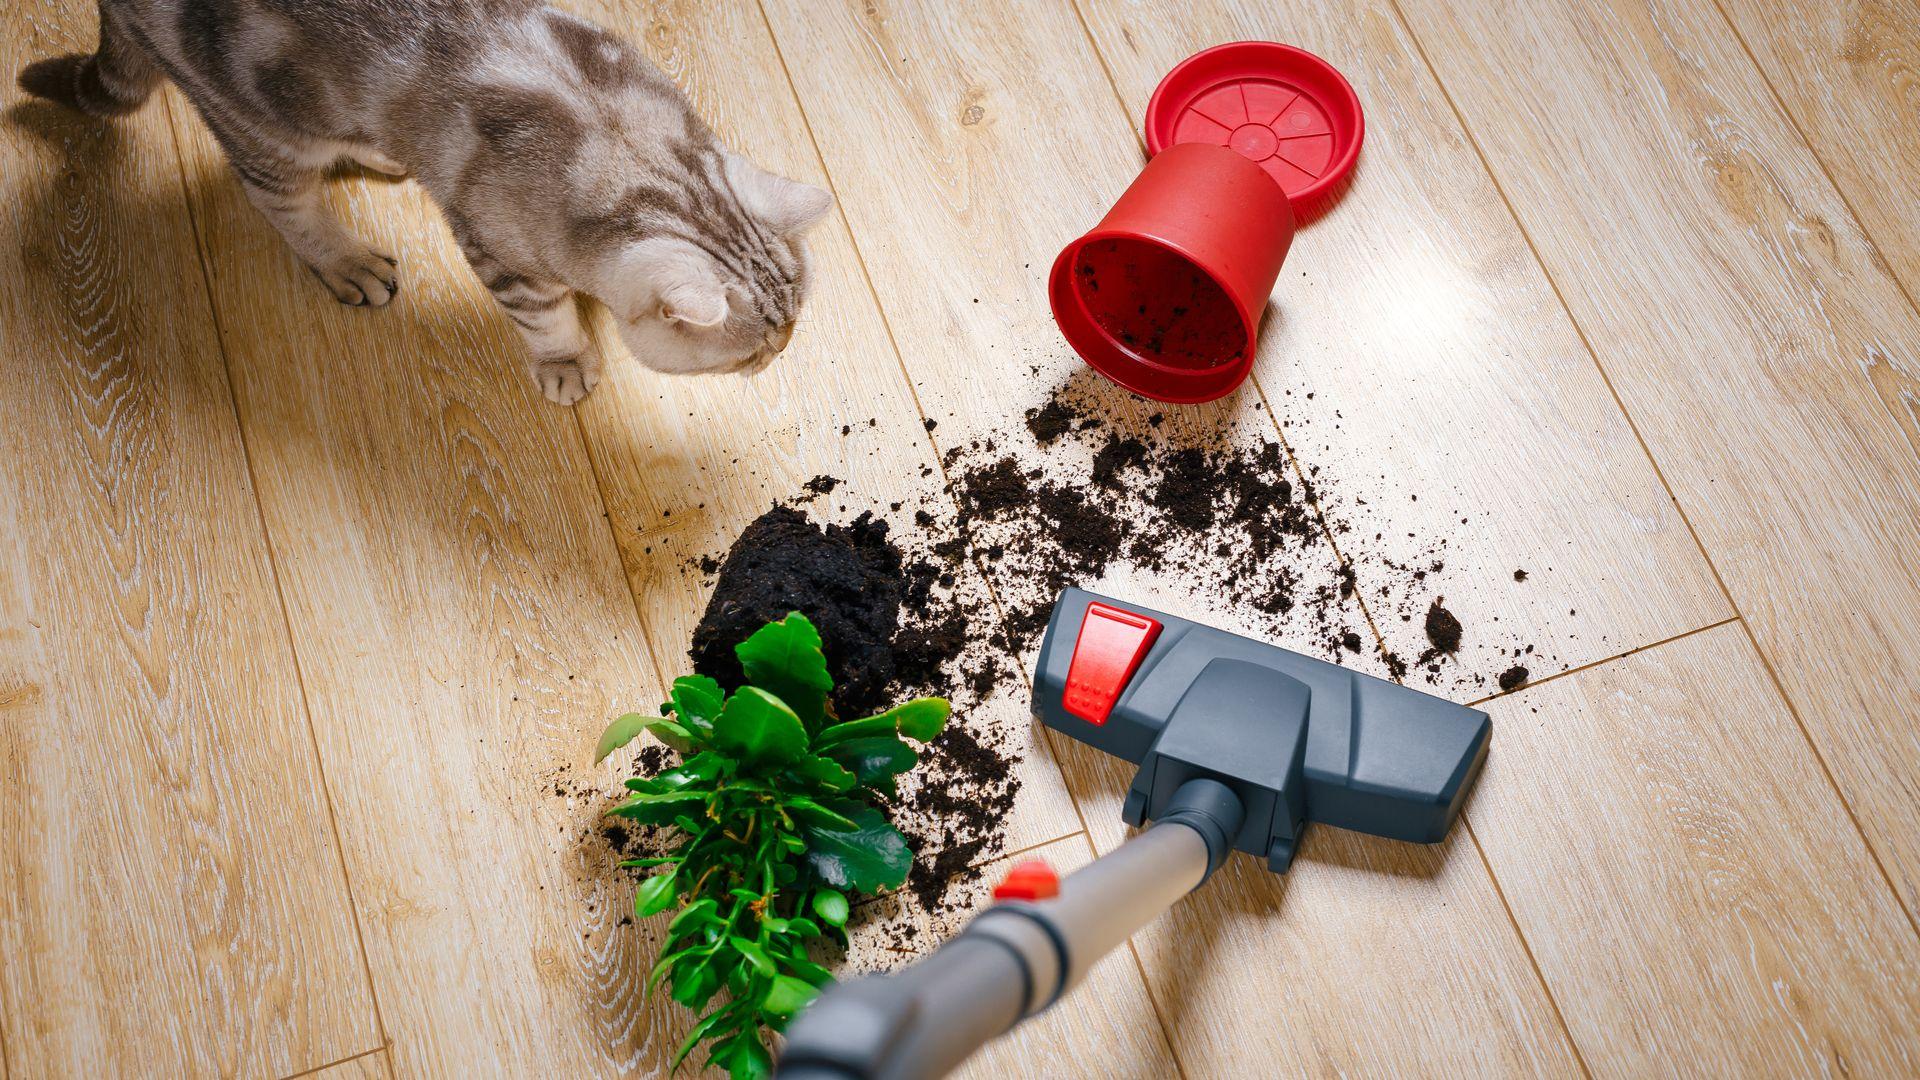 Aspiradores de pó 1.600W são bons para limpezas mais pesadas. (Imagem: Reprodução/Shutterstock)